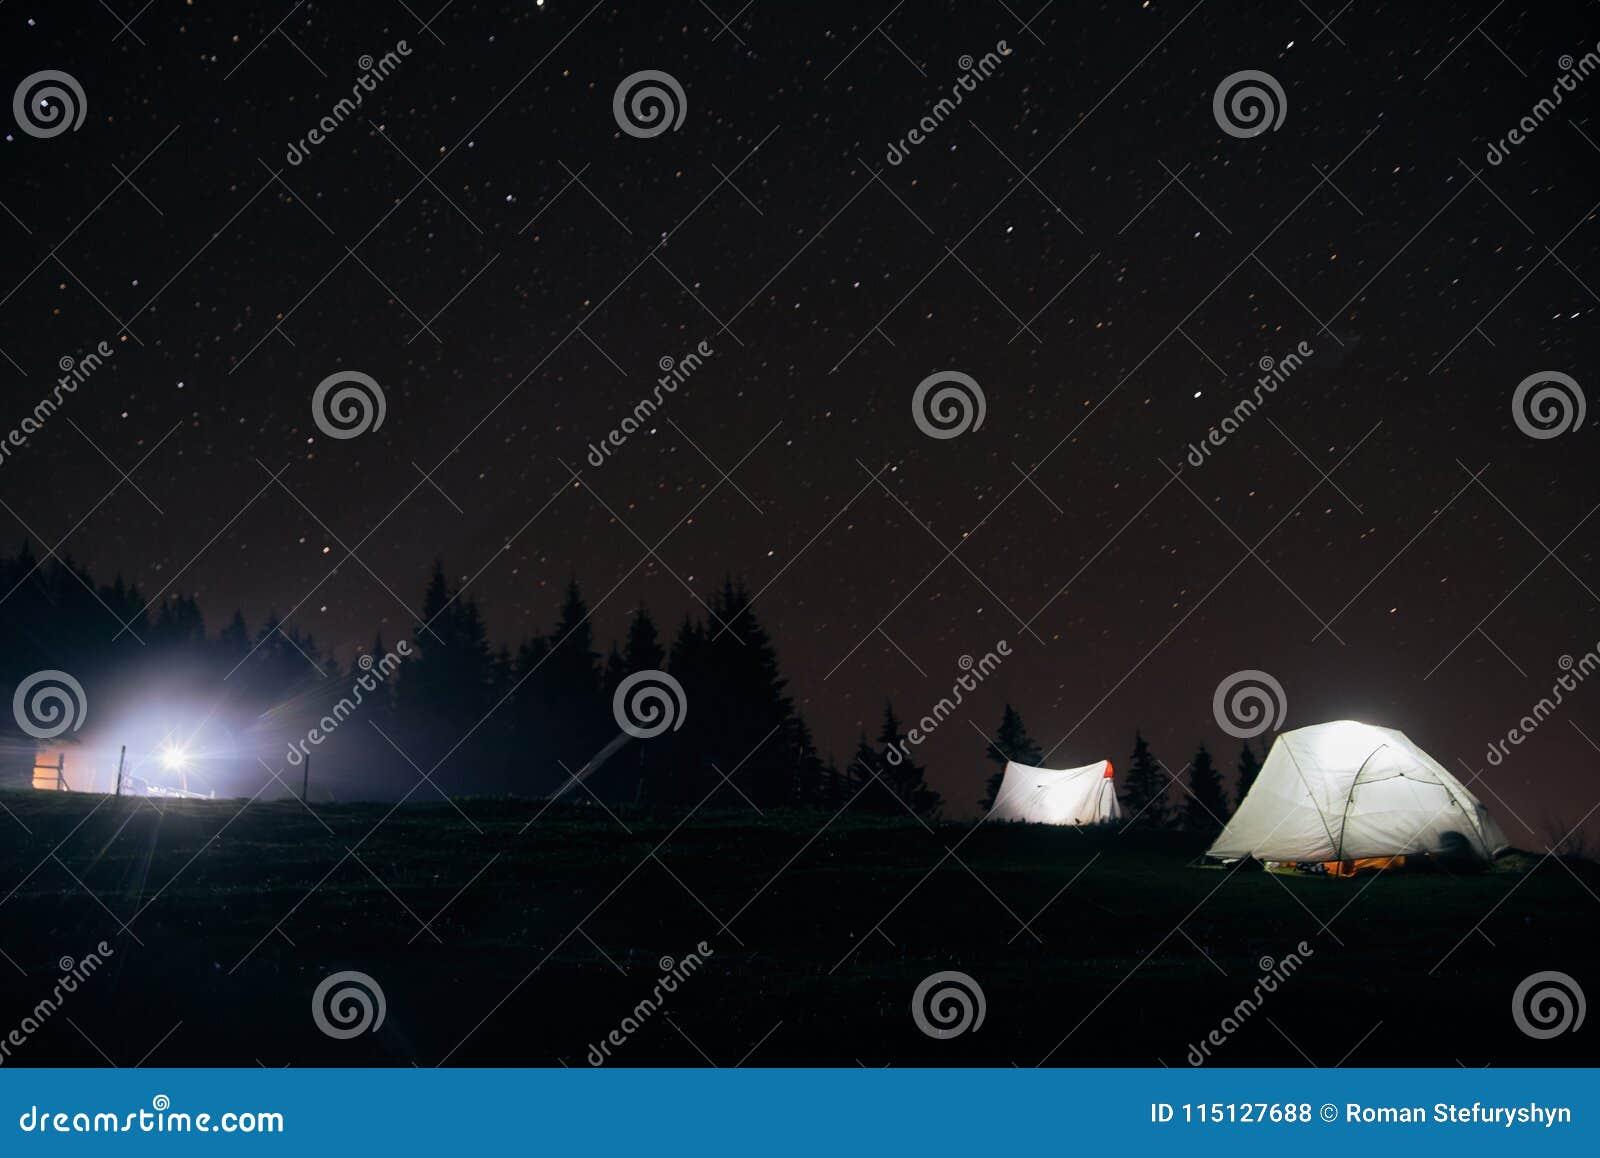 Acampando debajo de las estrellas en la noche en montañas, tiendas iluminadas